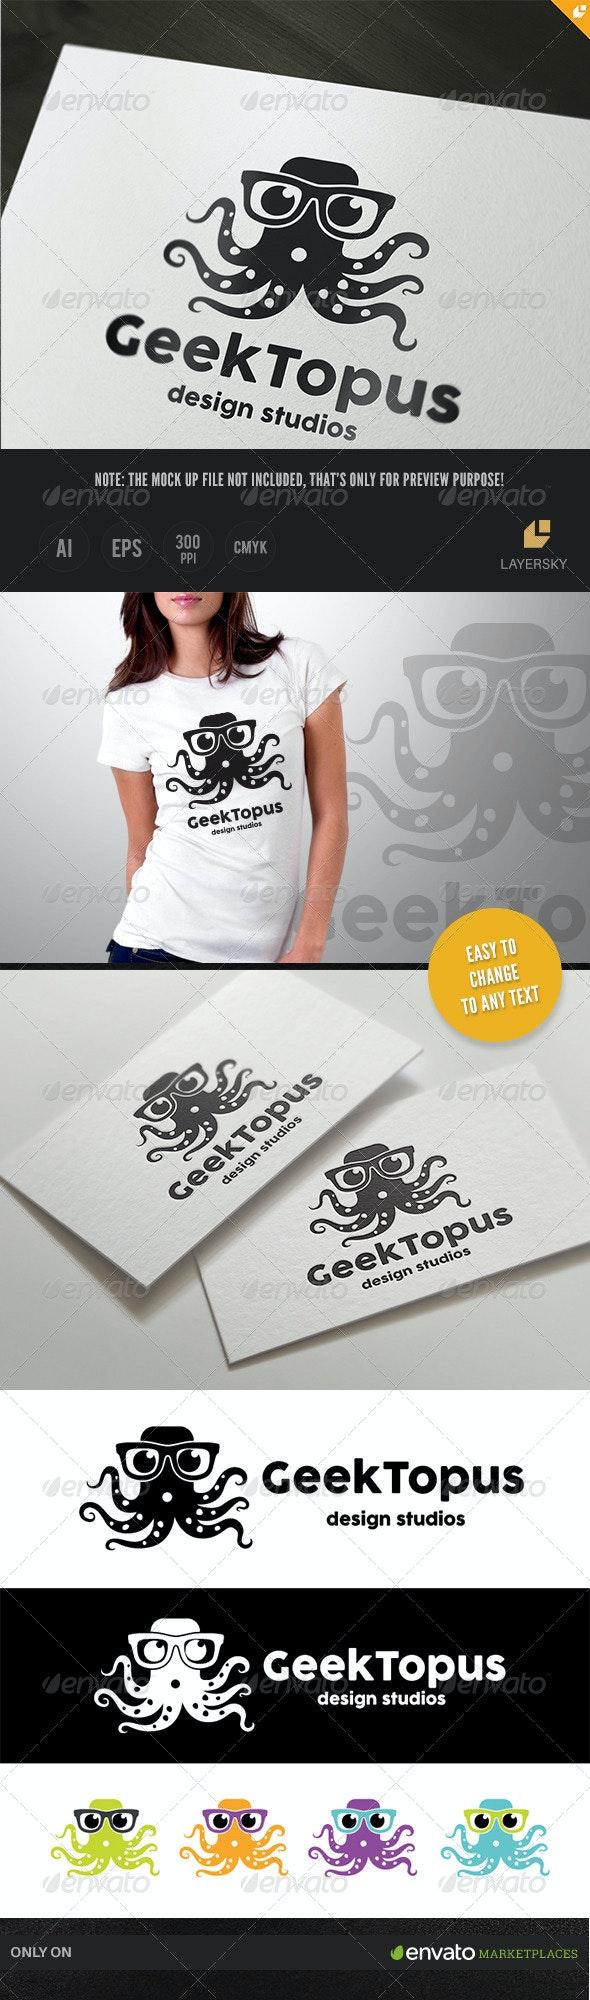 Geek Topus Logo - Animals Logo Templates